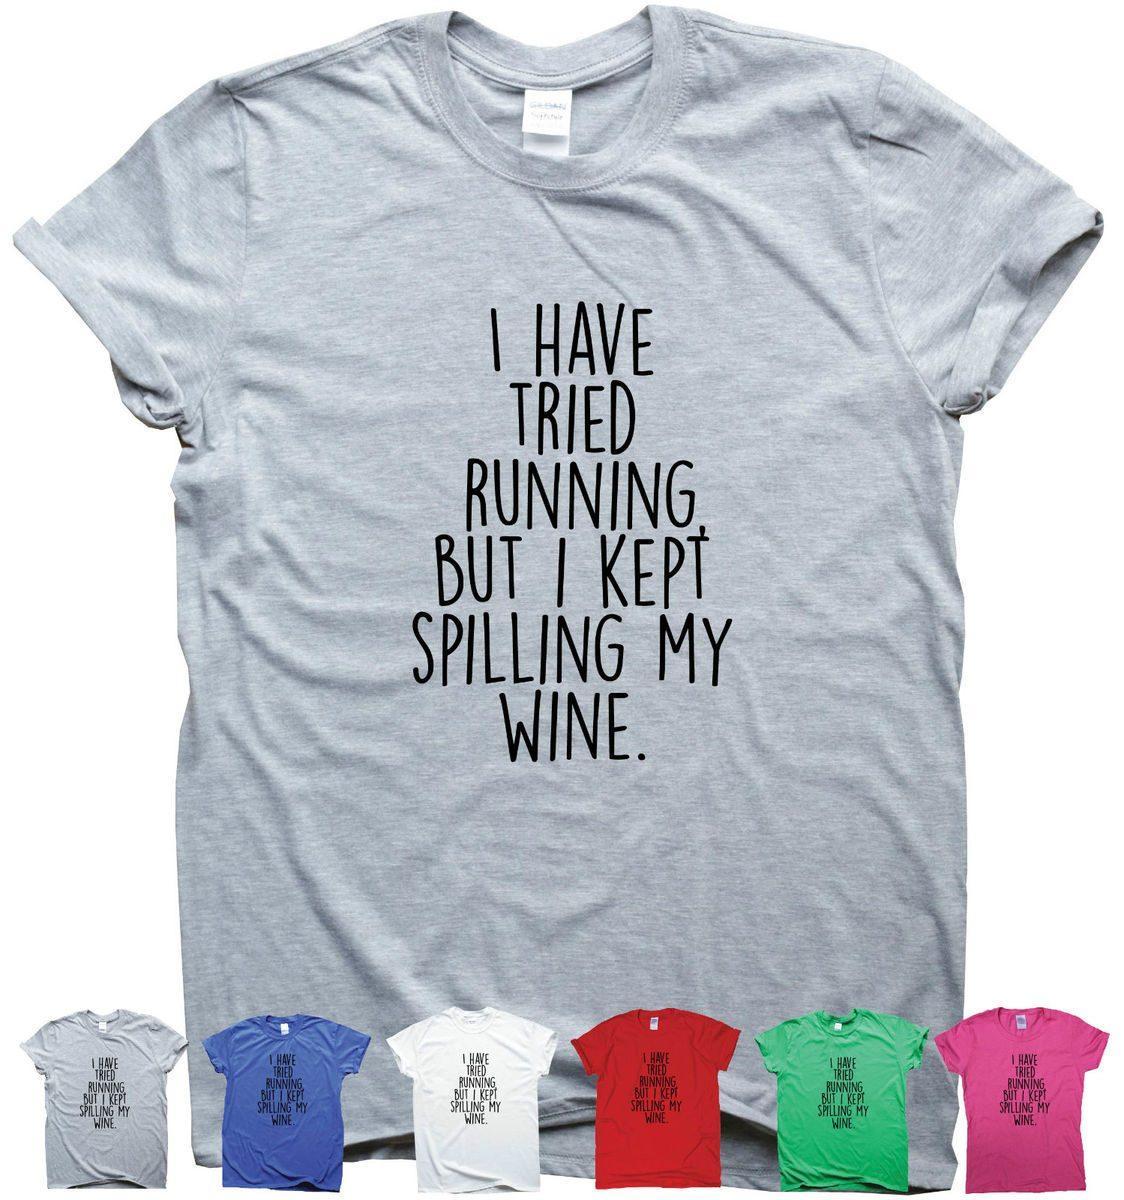 e0c938e47 remera gracioso camisetas humor eslogan hipster grosero i h. Cargando zoom.